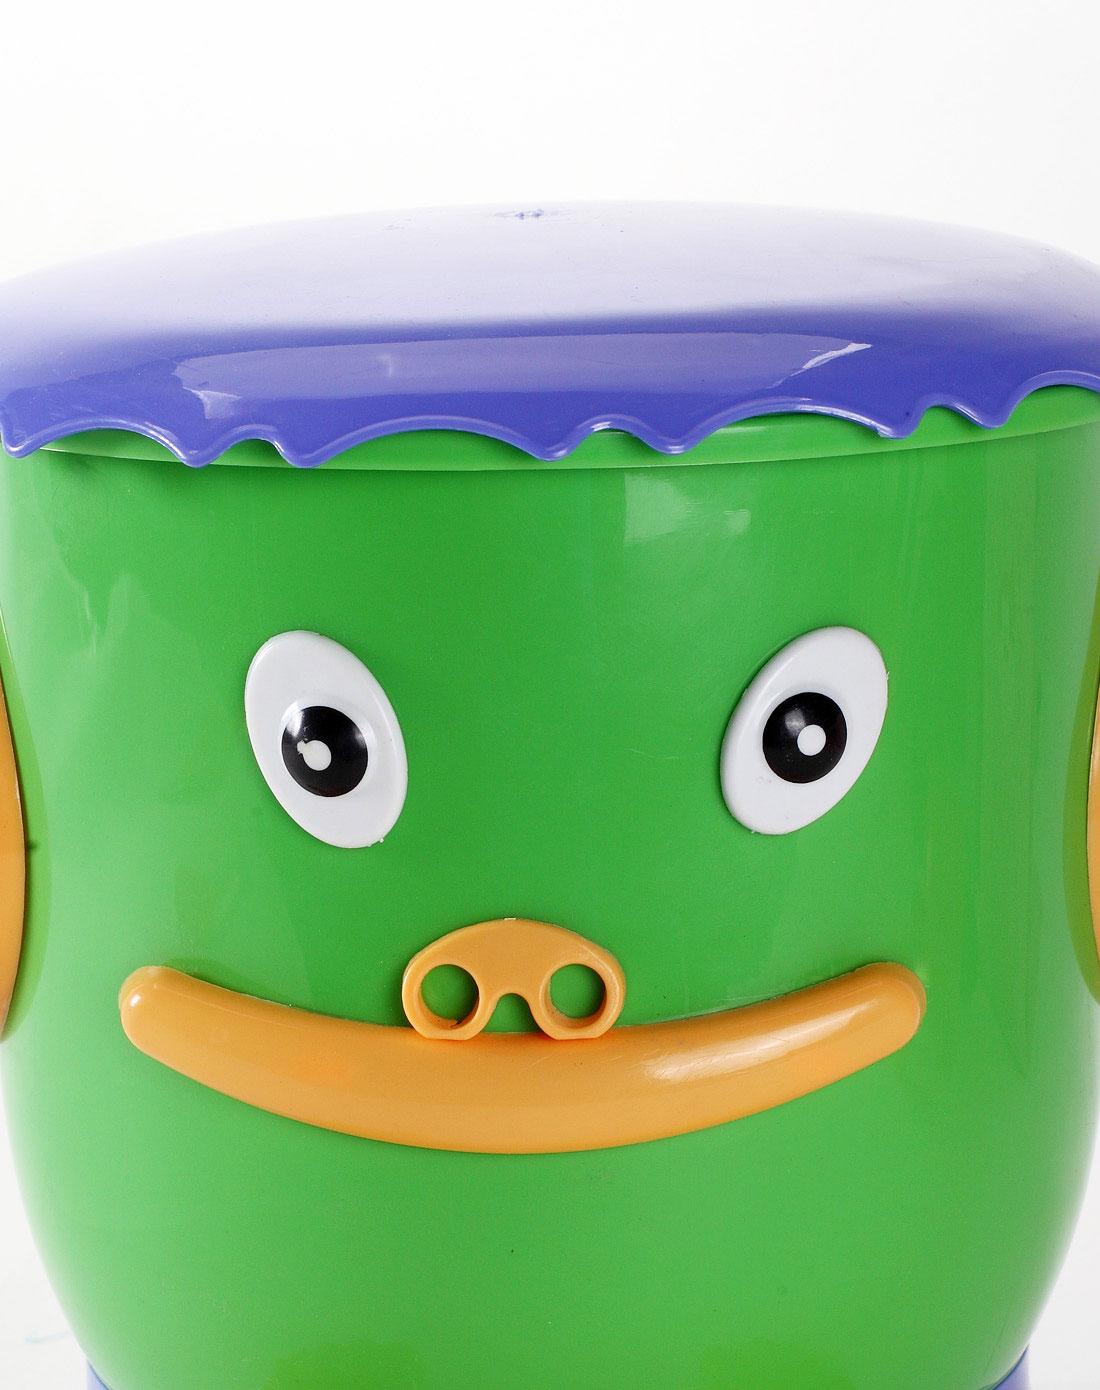 h&3家居用品专场绿色卡通造型垃圾桶 3l